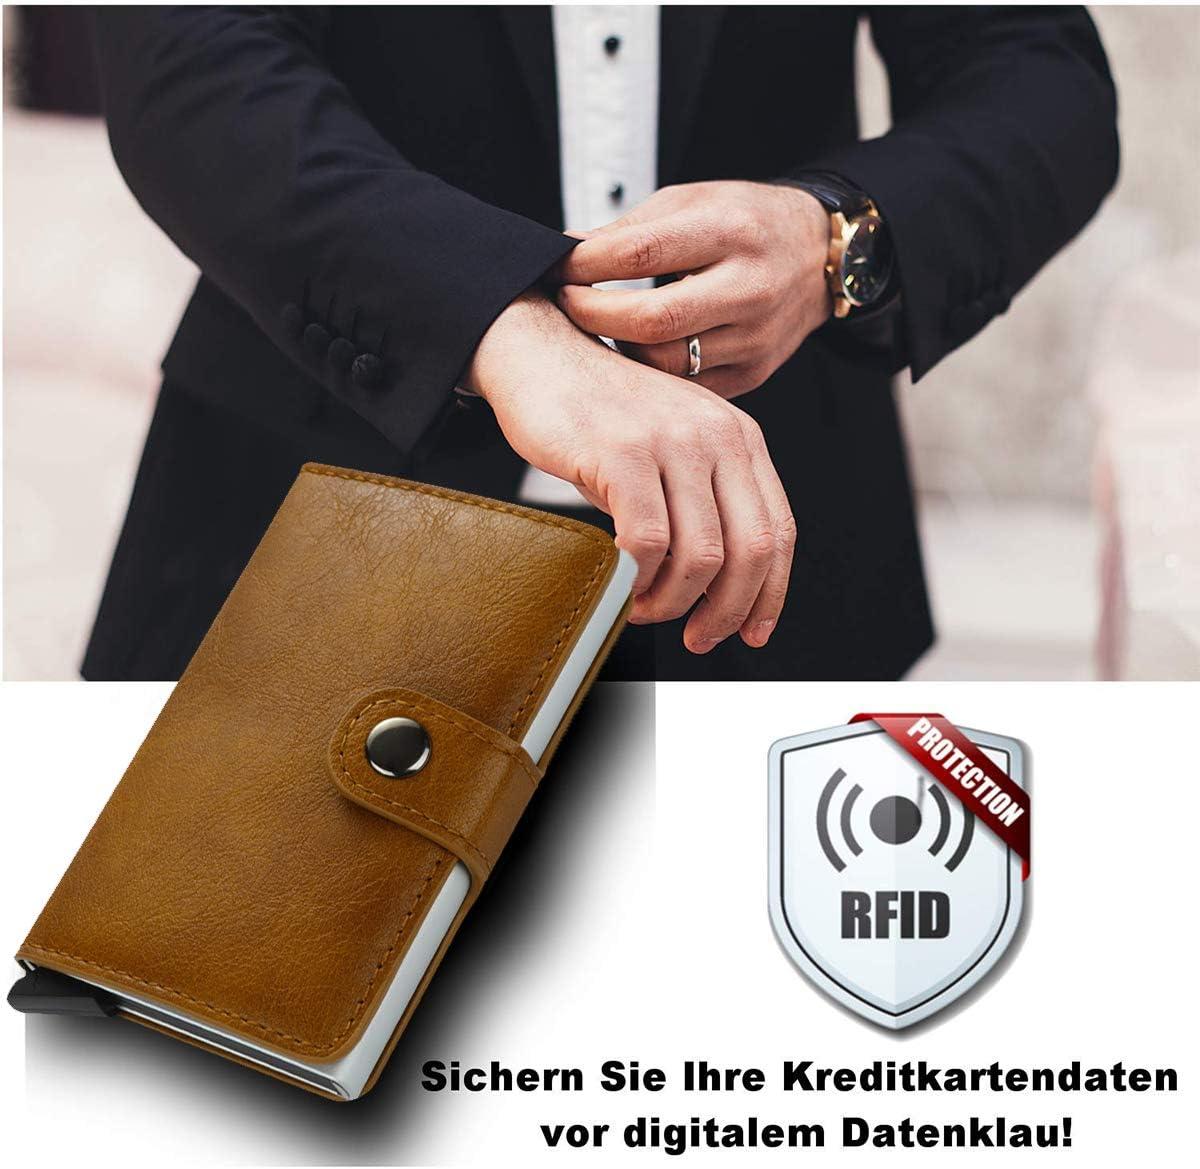 TEECY Porte-Carte Bancaire avec Protection de la RFID en Aluminium Portefeuille /éjecteur Mince et l/éger Wallet Jusqu/à 8-10 Cartes Bleu